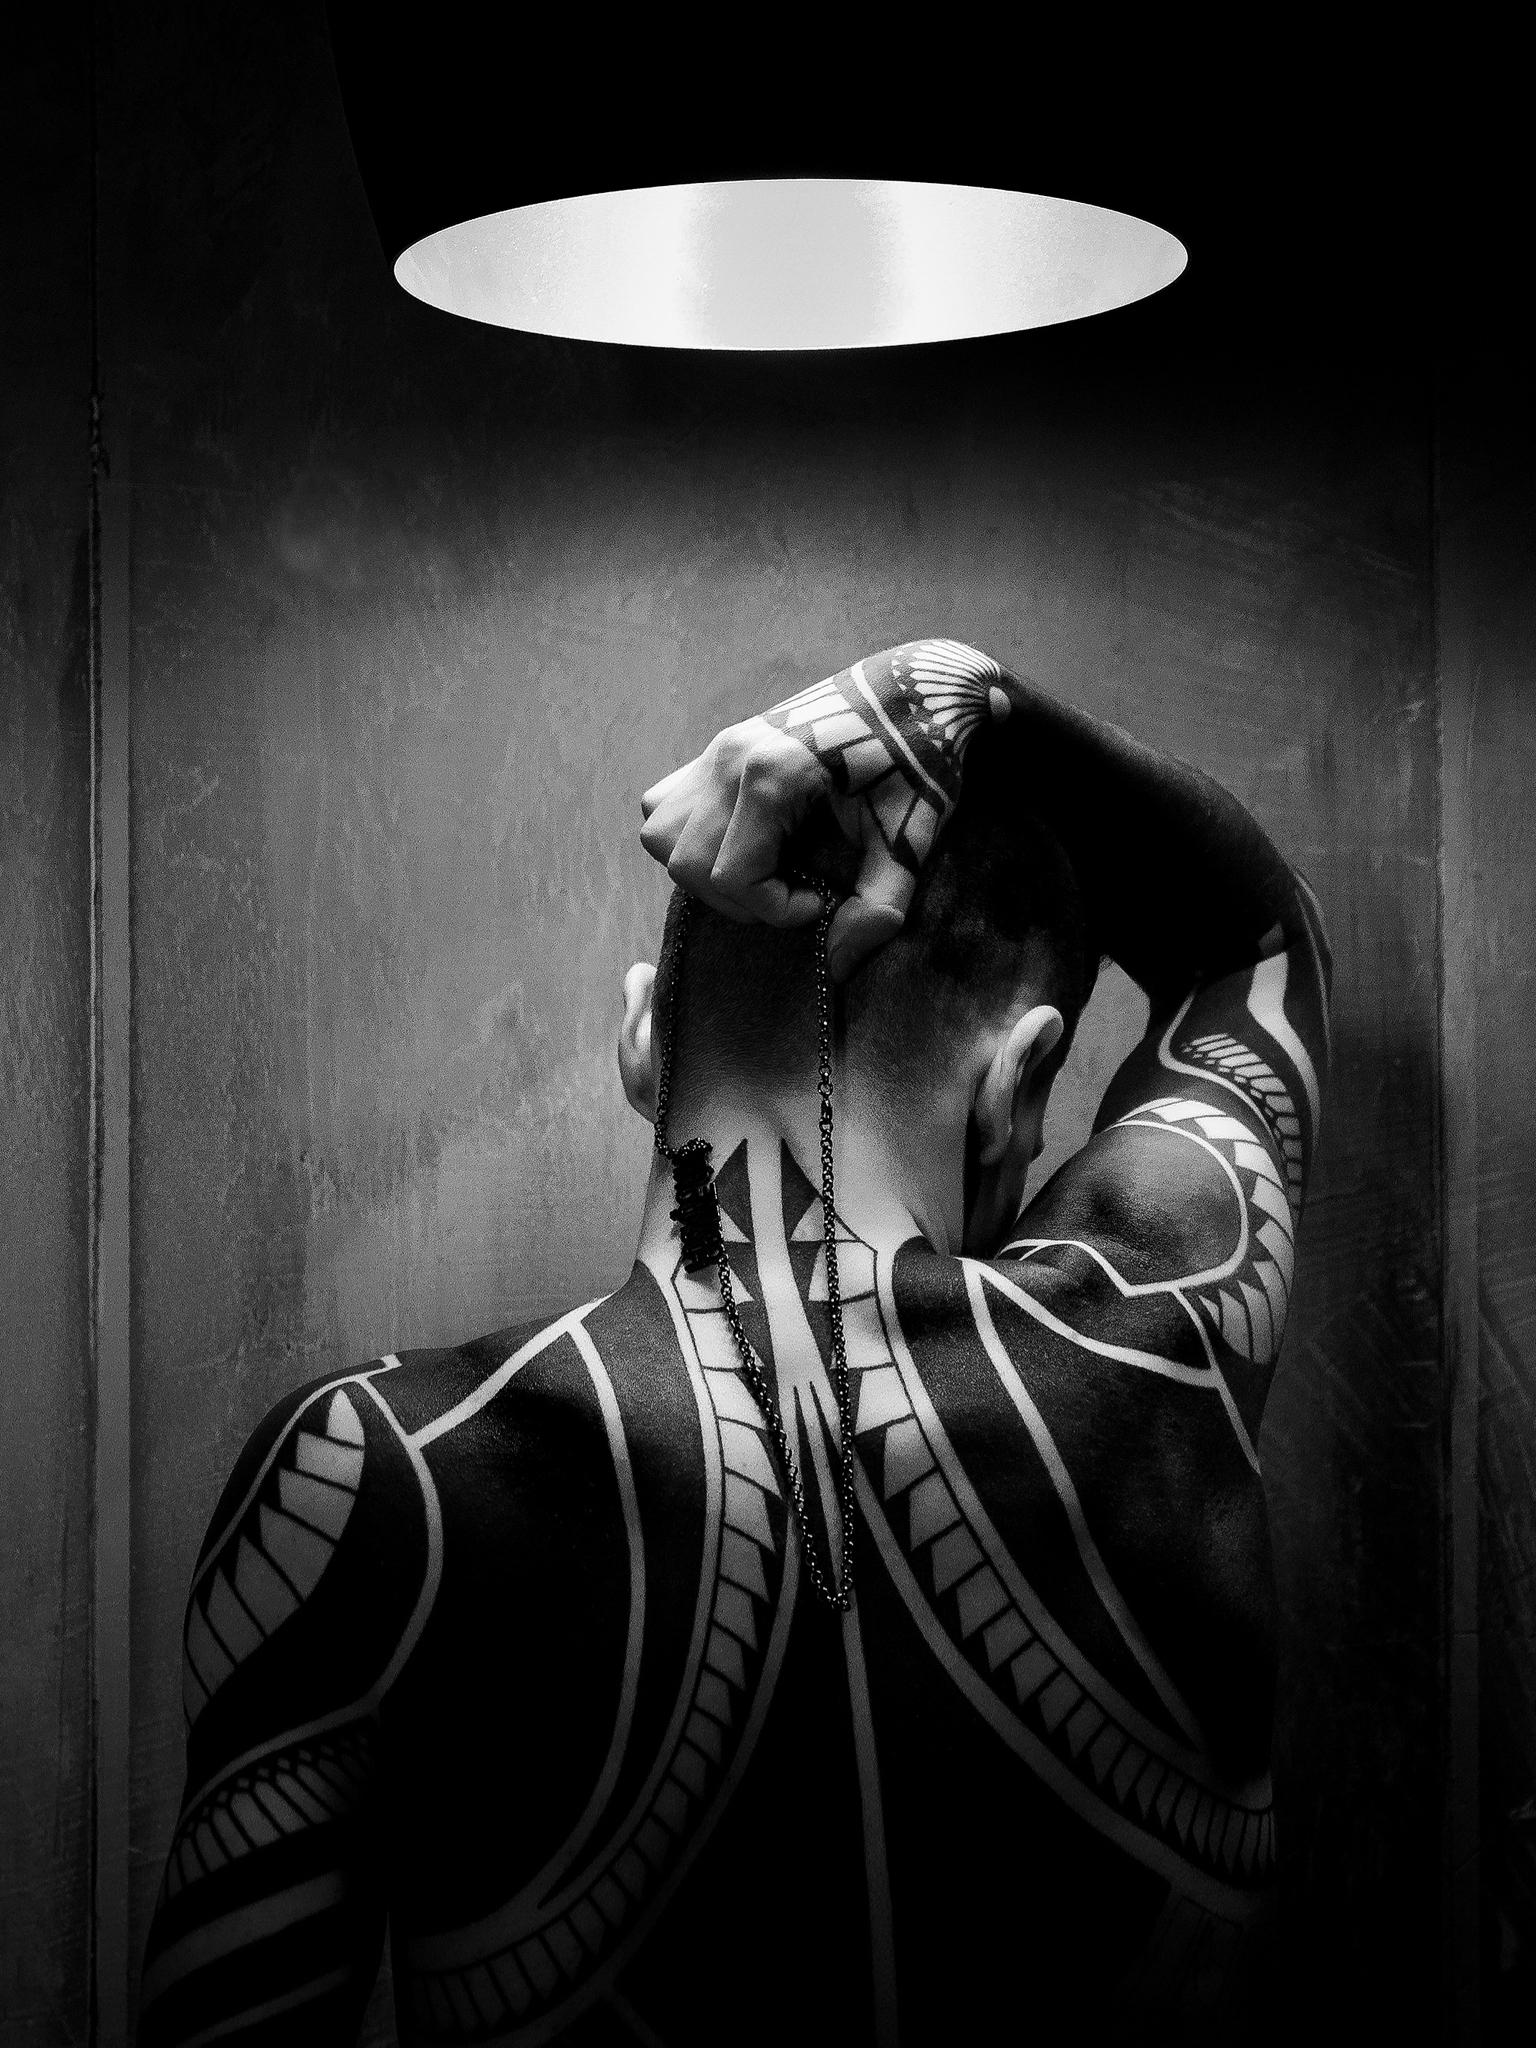 Images Gratuites Homme Lumiere Noir Et Blanc La Photographie